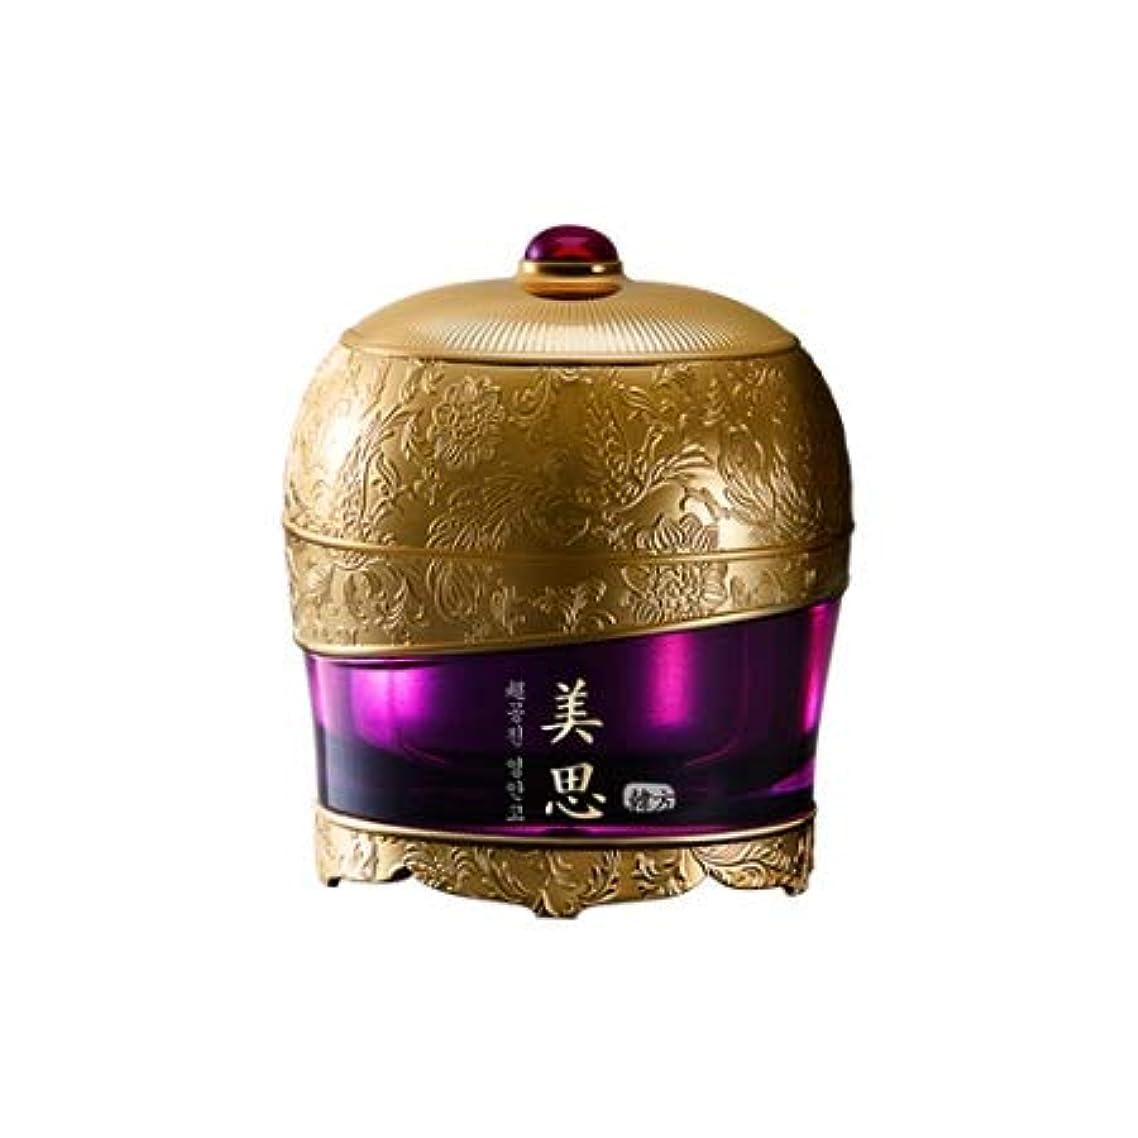 染色ラフ睡眠確認するMISSHA Chogongjin Premium cream ミシャ美思超拱辰(チョゴンジン) 永安膏 クリーム クリーム 60ml [並行輸入品]